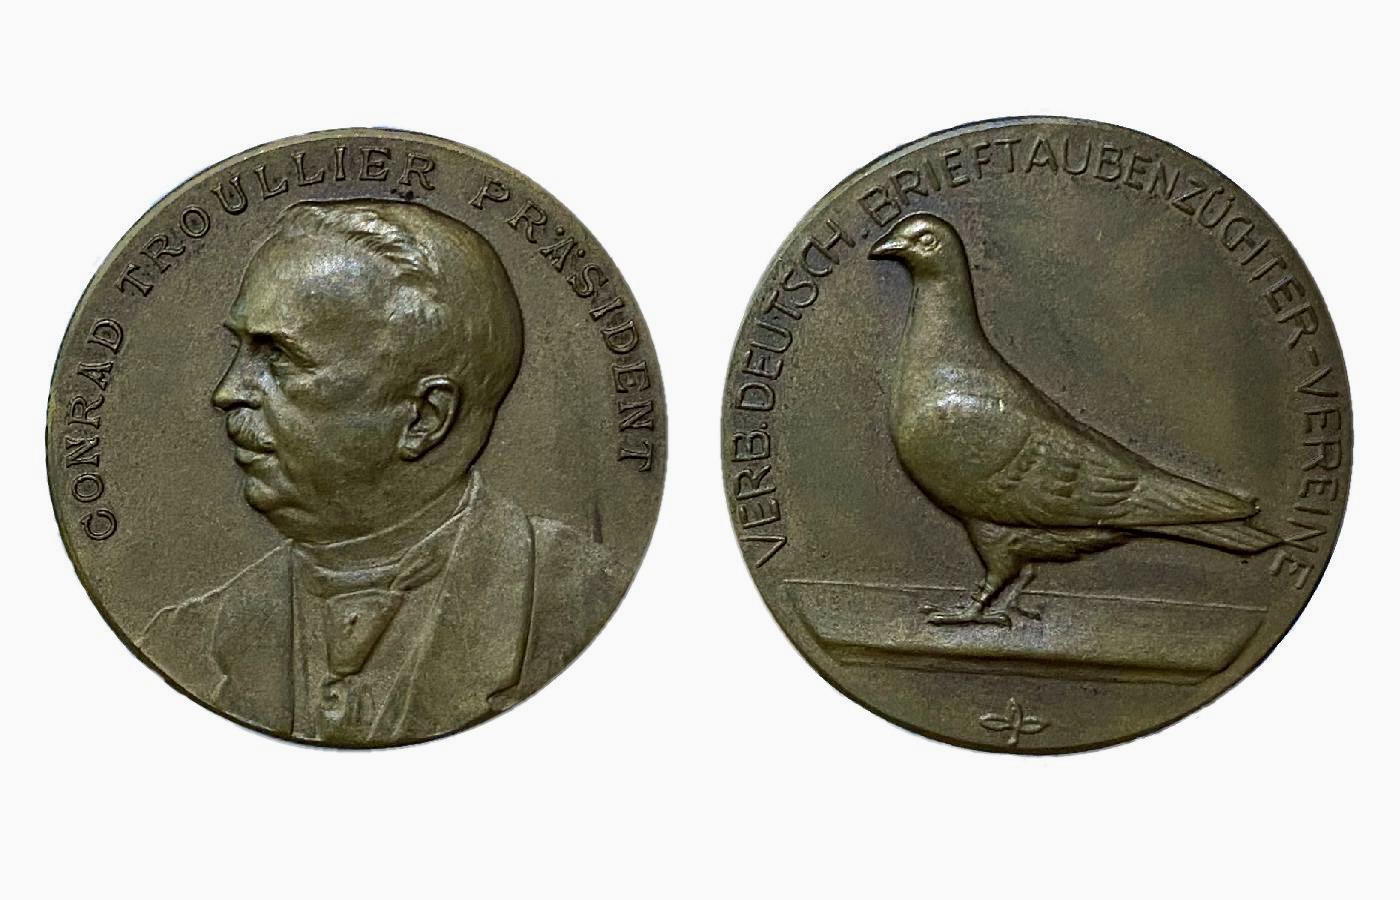 Medaille in Bronze mit Präsident Conrad Troullier